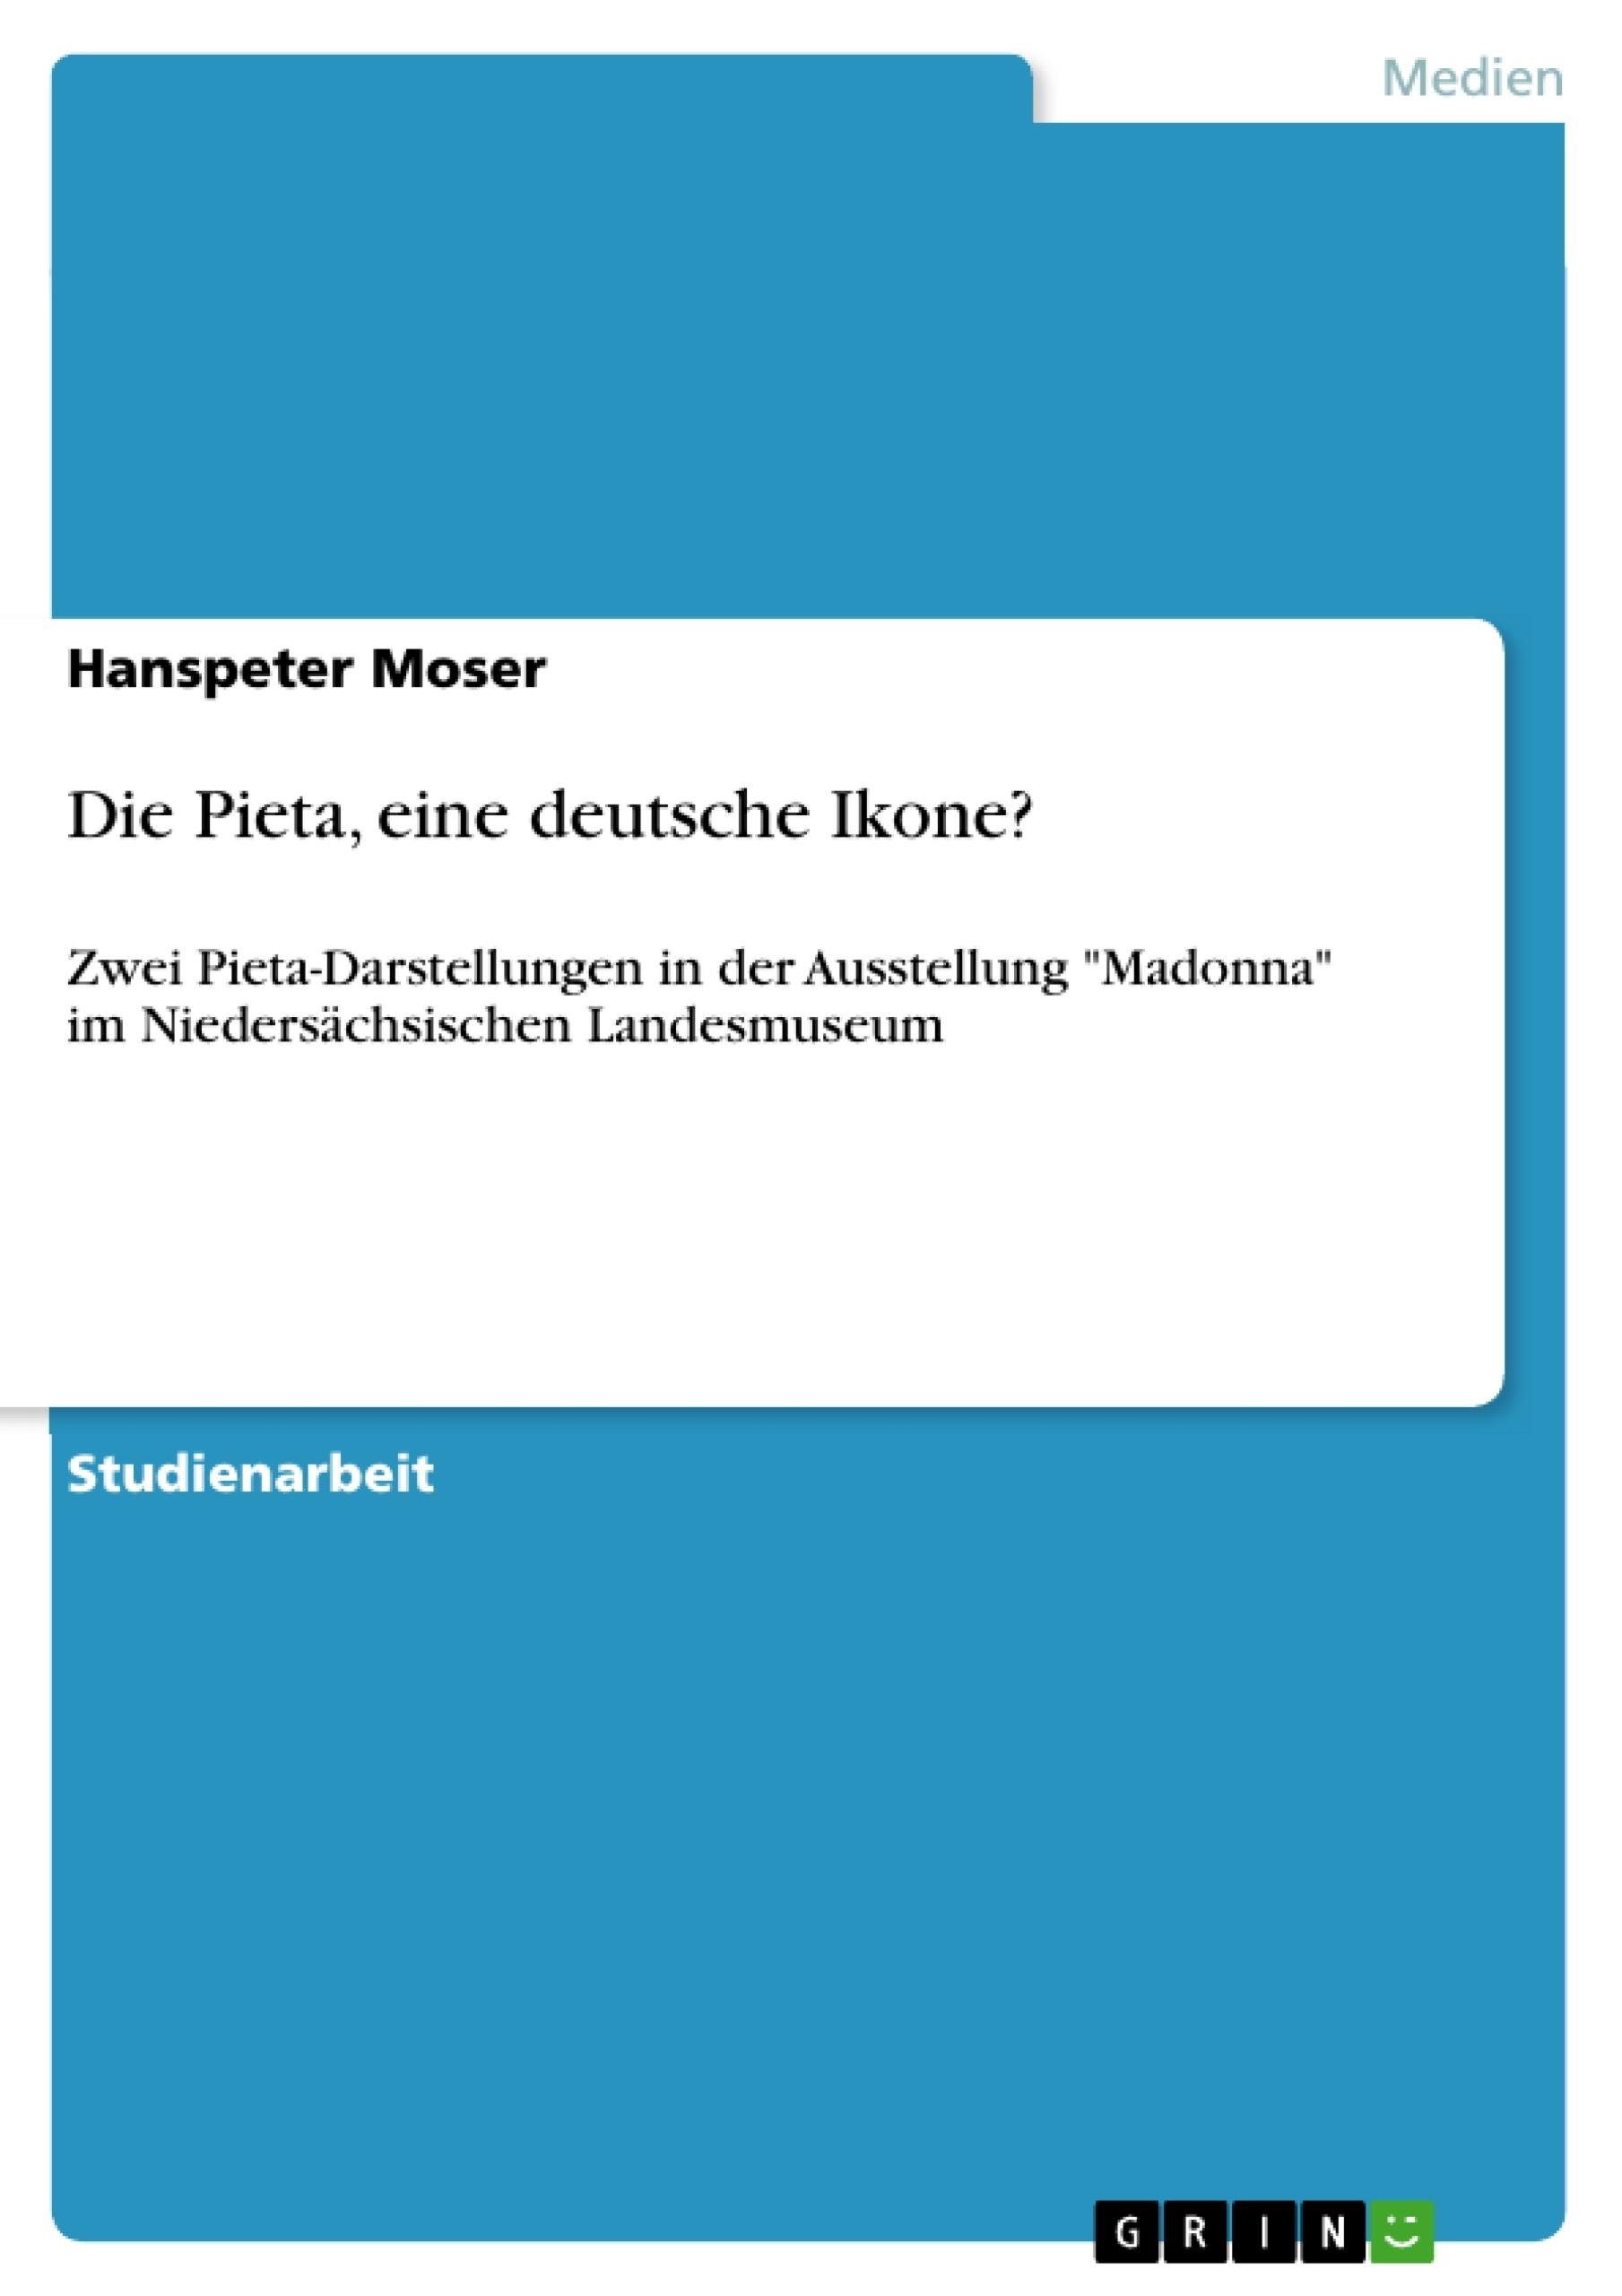 Titel: Die Pieta, eine deutsche Ikone?